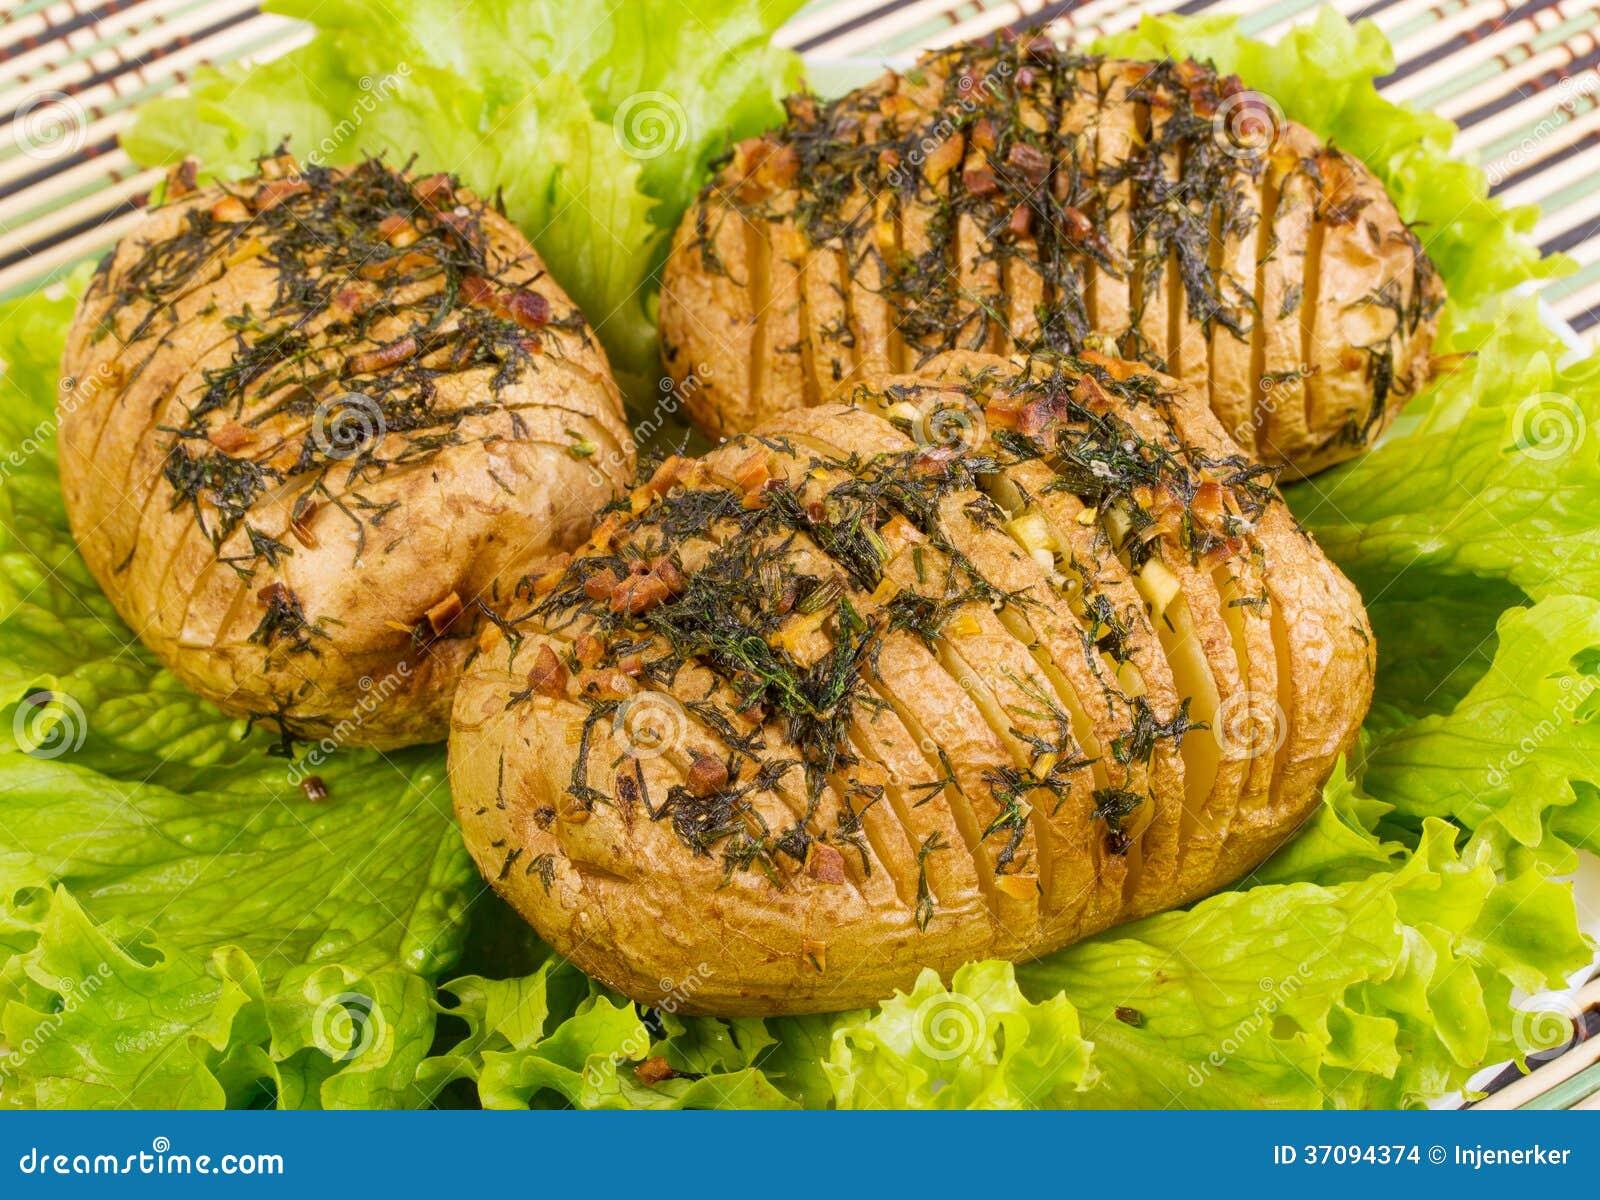 La pomme de terre cuite au four avec l 39 ail et le fenouil - Cuisiner le fenouil au four ...